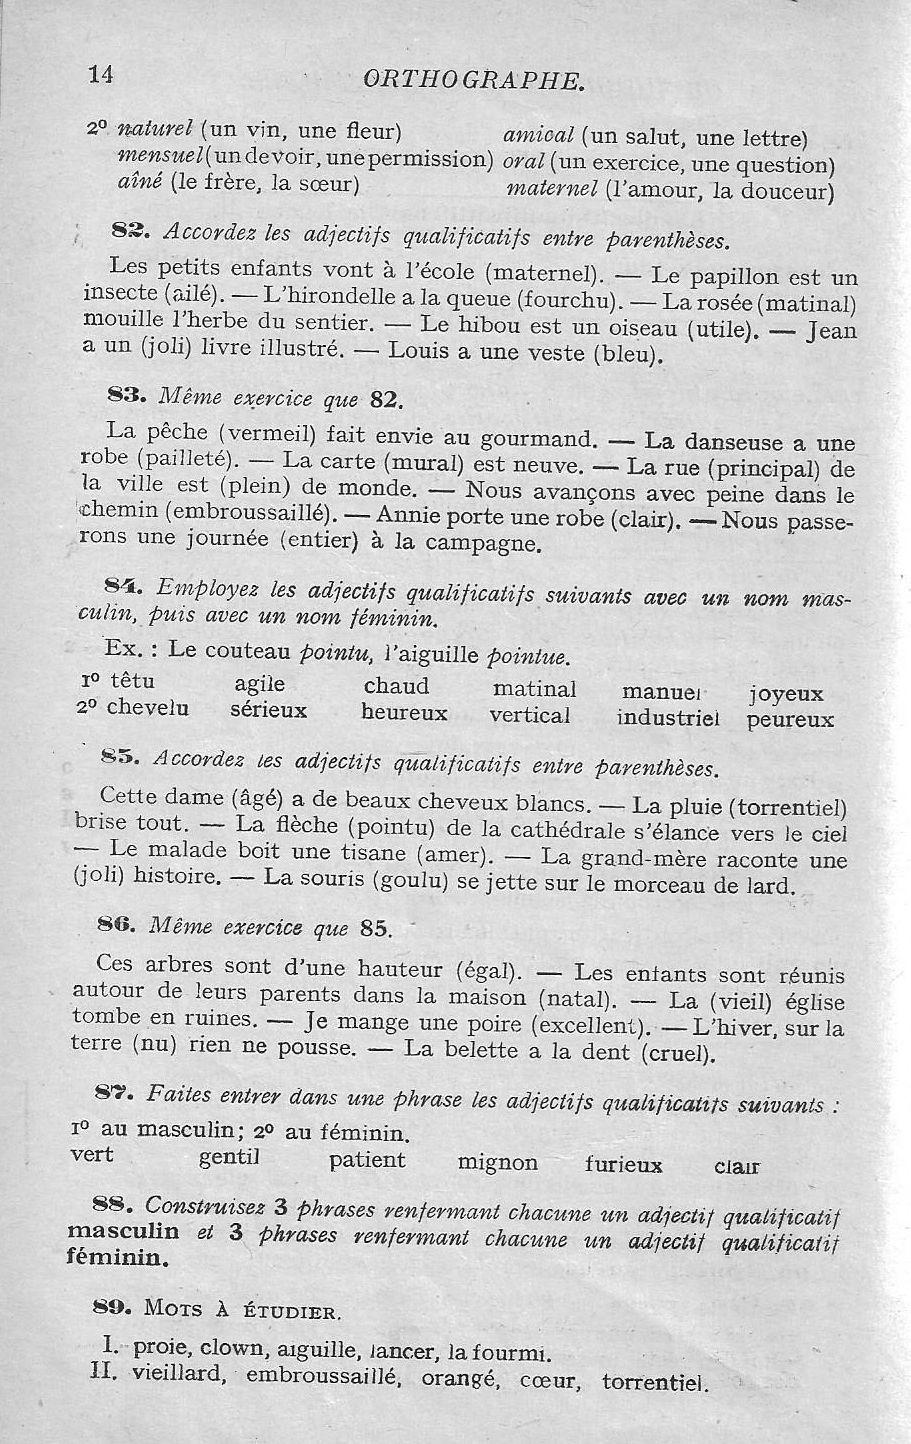 Hauteur Ciel De Pluie bled, cours d'orthographe ce-cm1 (1956)   orthographe, cm1